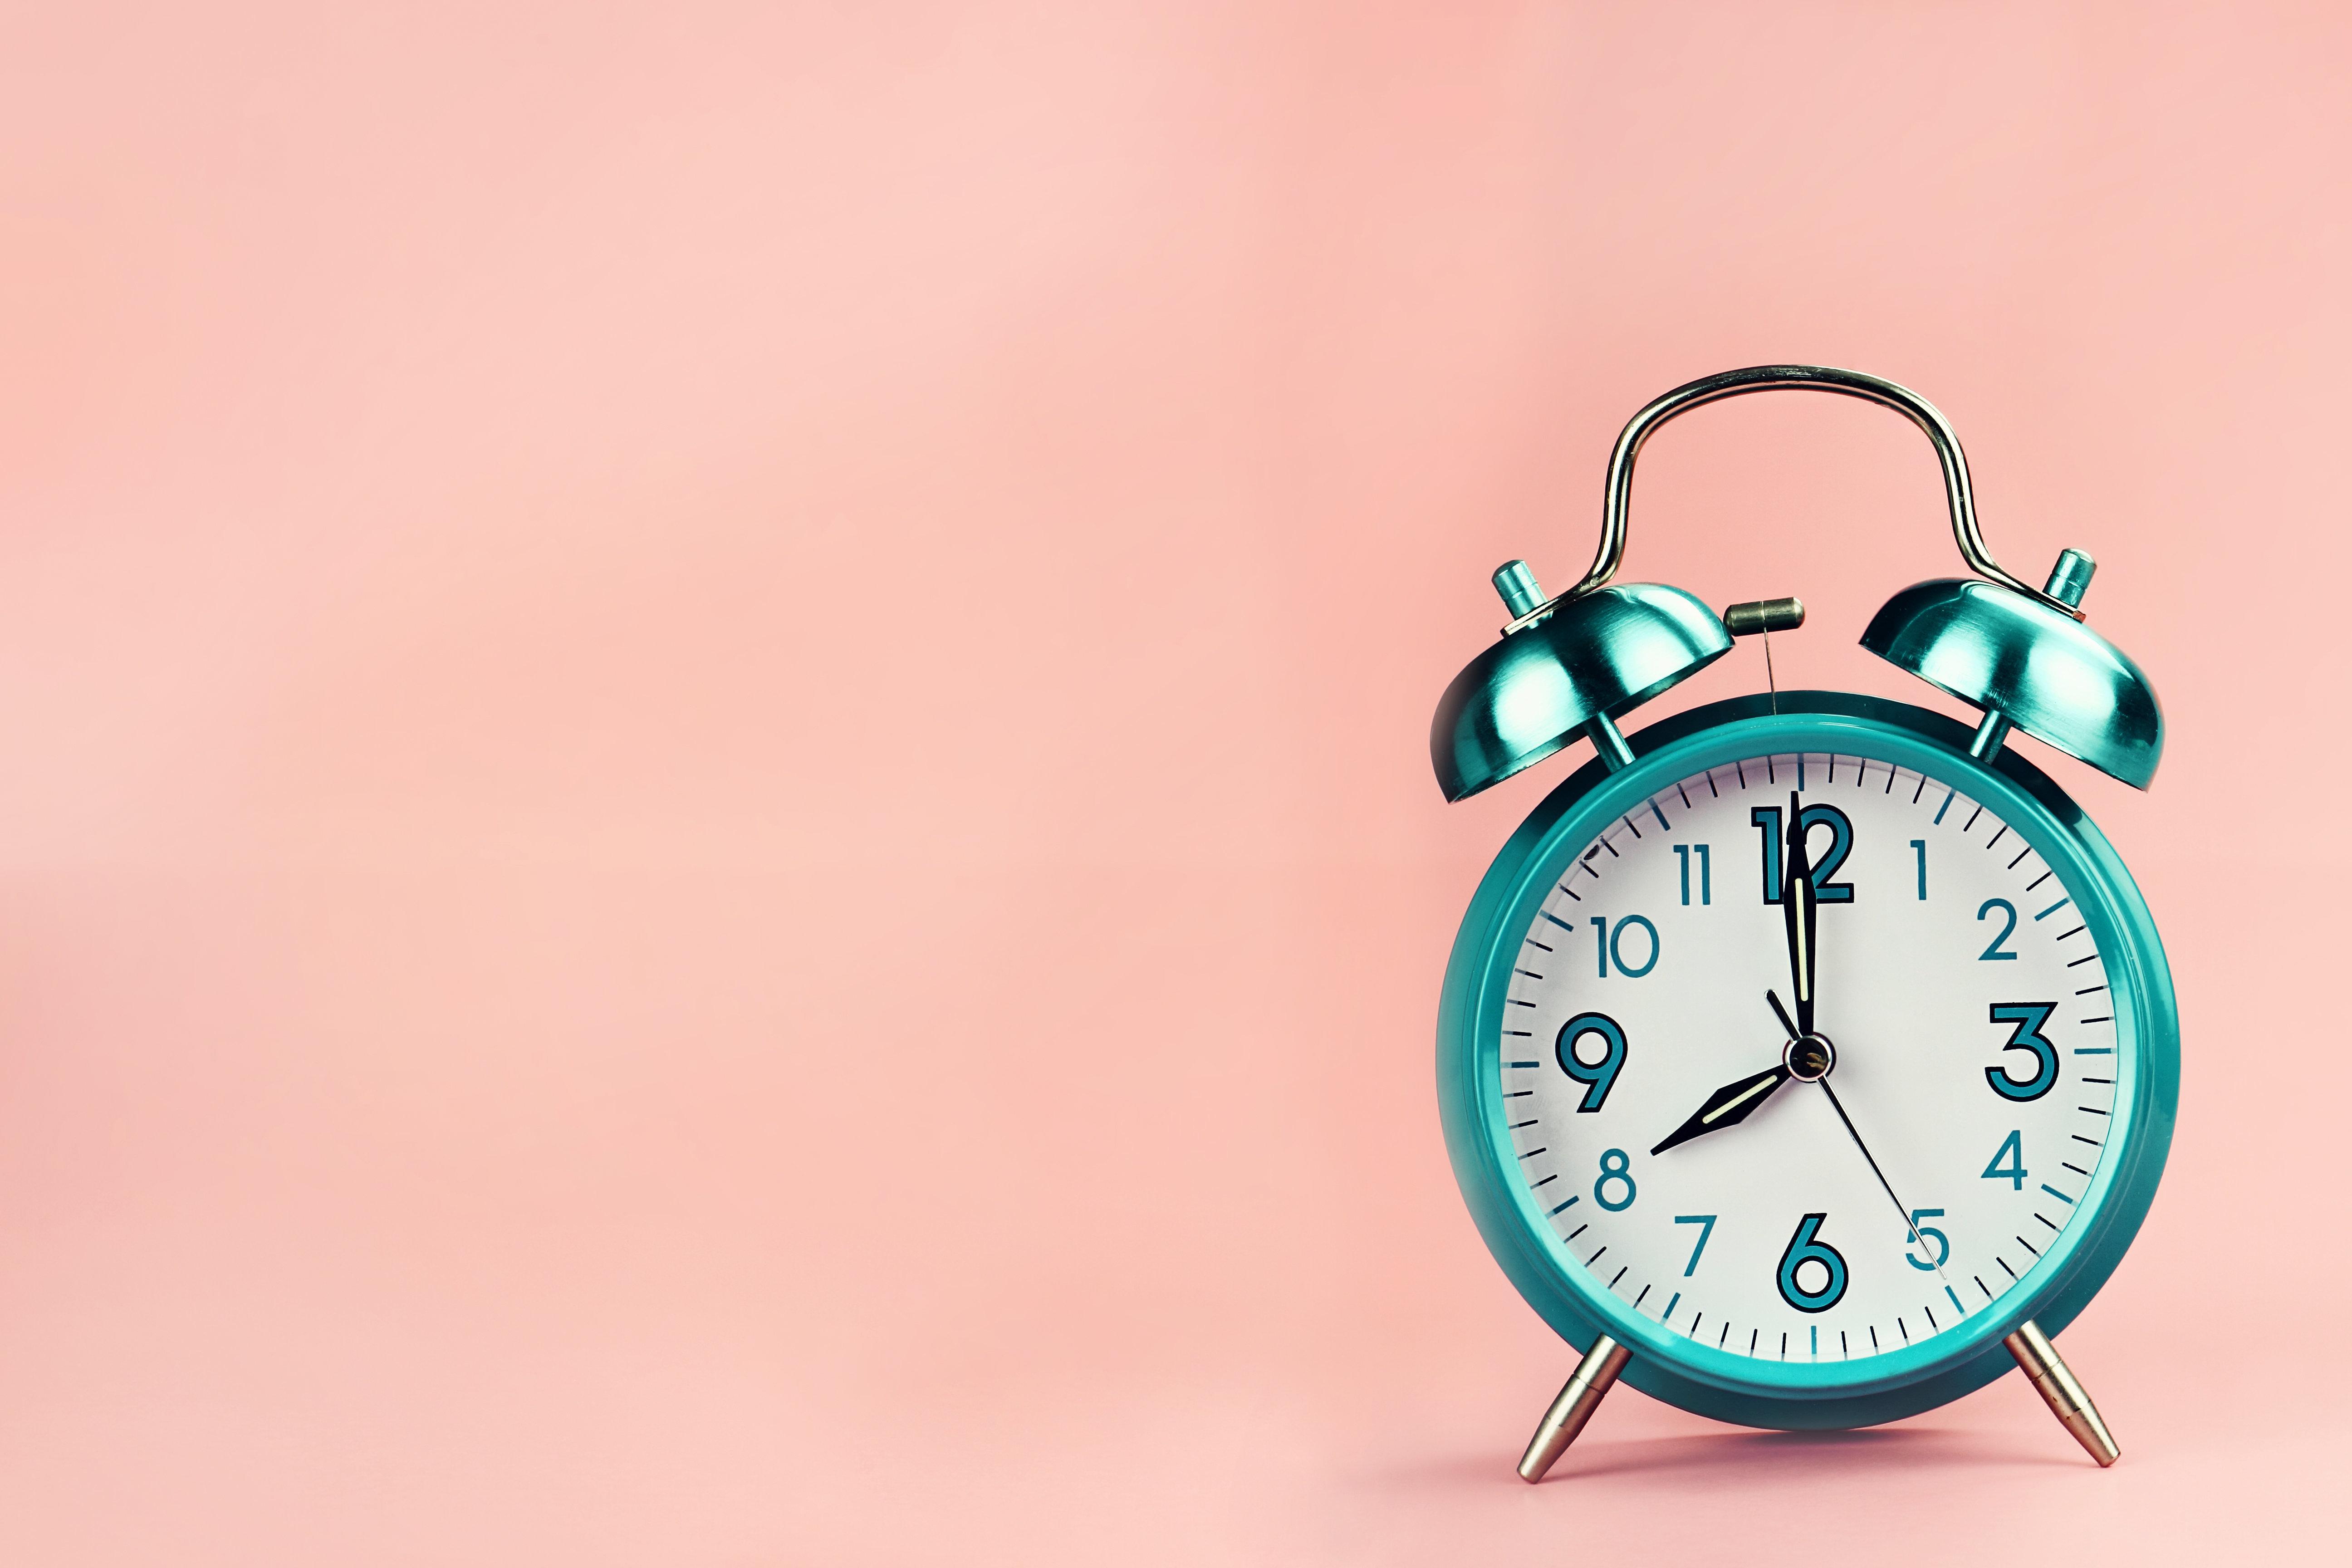 Η ώρα σταματά να αλλάζει, αλλά θα διατηρηθεί η θερινή ή η χειμερινή; Την απάντηση δίνει η Κομισιόν